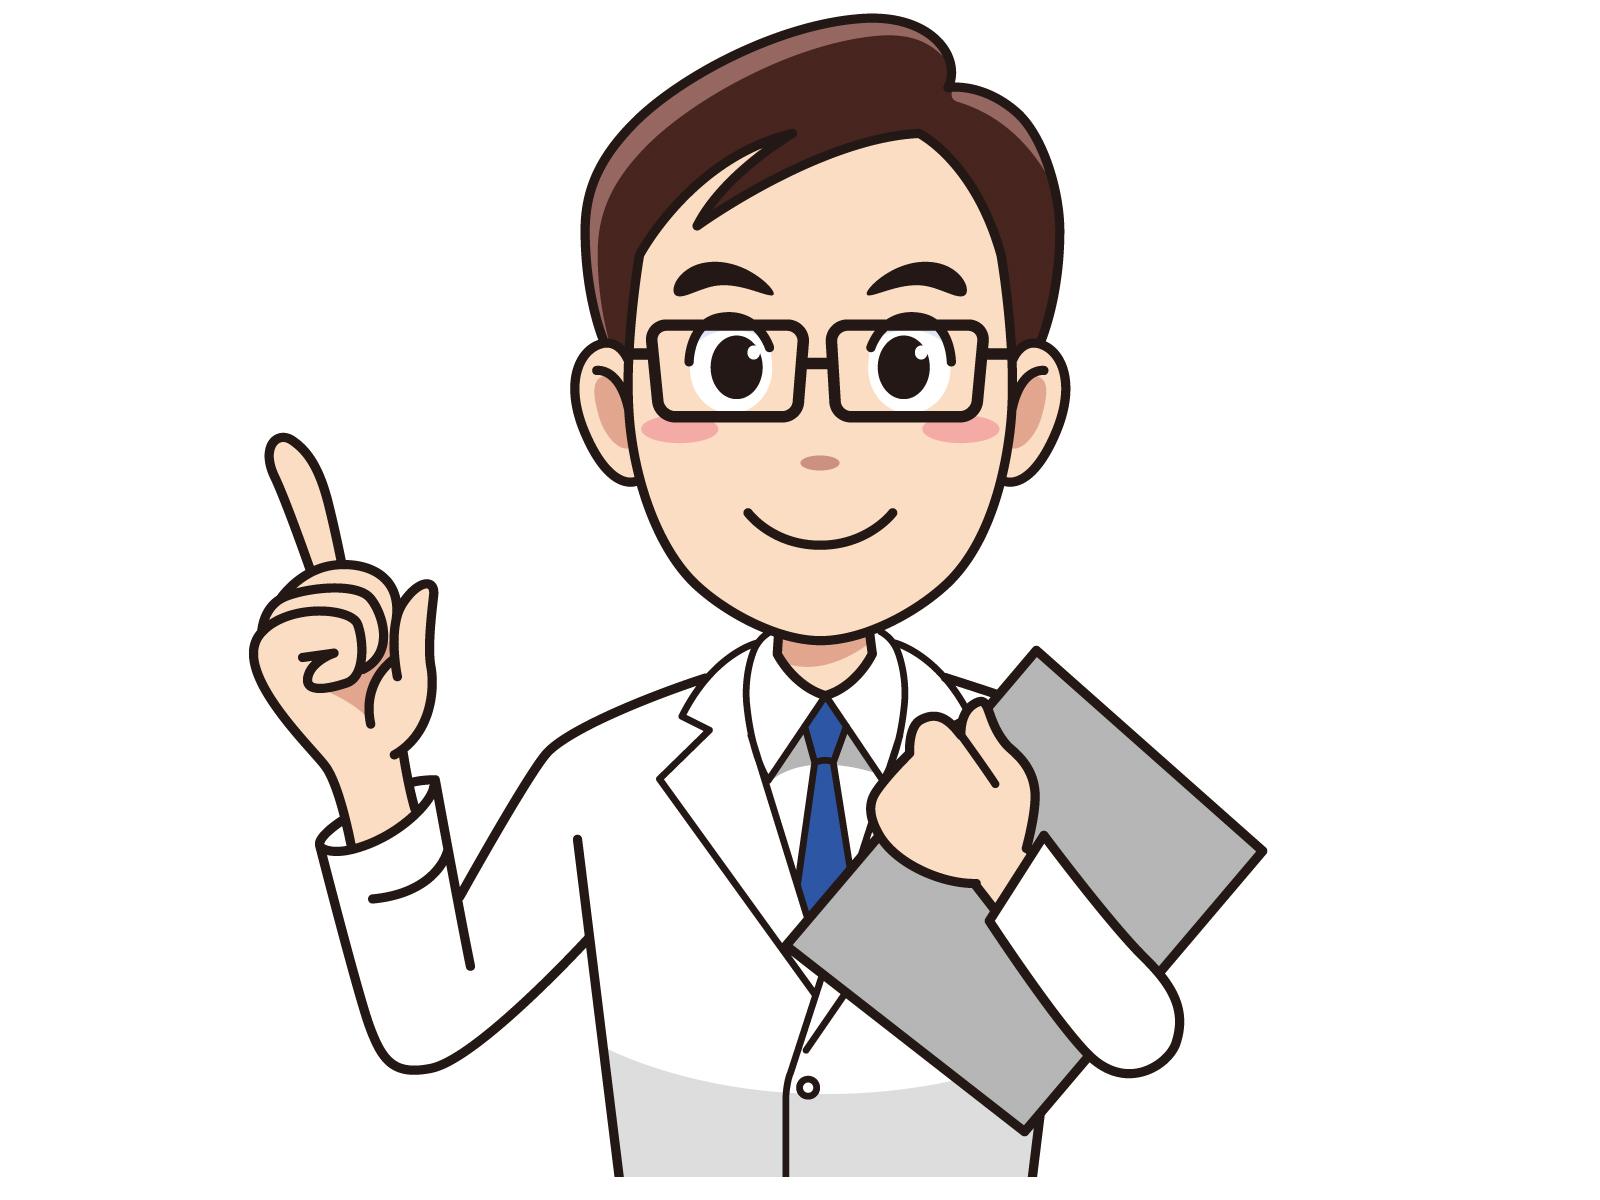 【薬剤師監修】アレルギー性結膜炎に効く市販薬は?おすすめの目薬を解説!